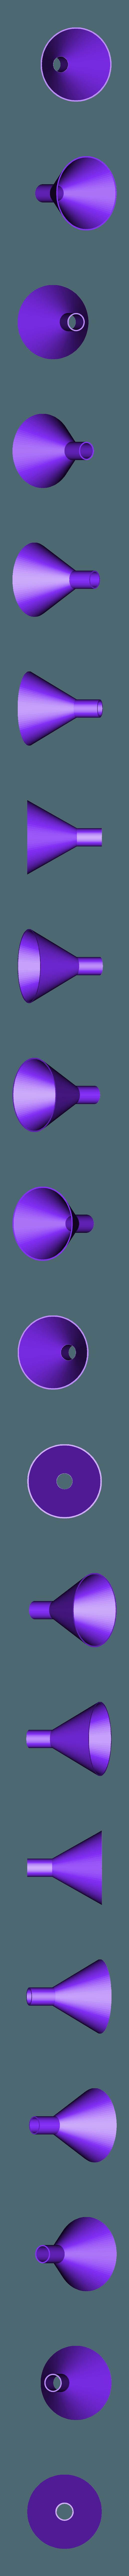 funnel_20190804-62-ozyqy7.stl Télécharger fichier STL gratuit Mon entonnoir personnalisé • Modèle pour impression 3D, cedb74